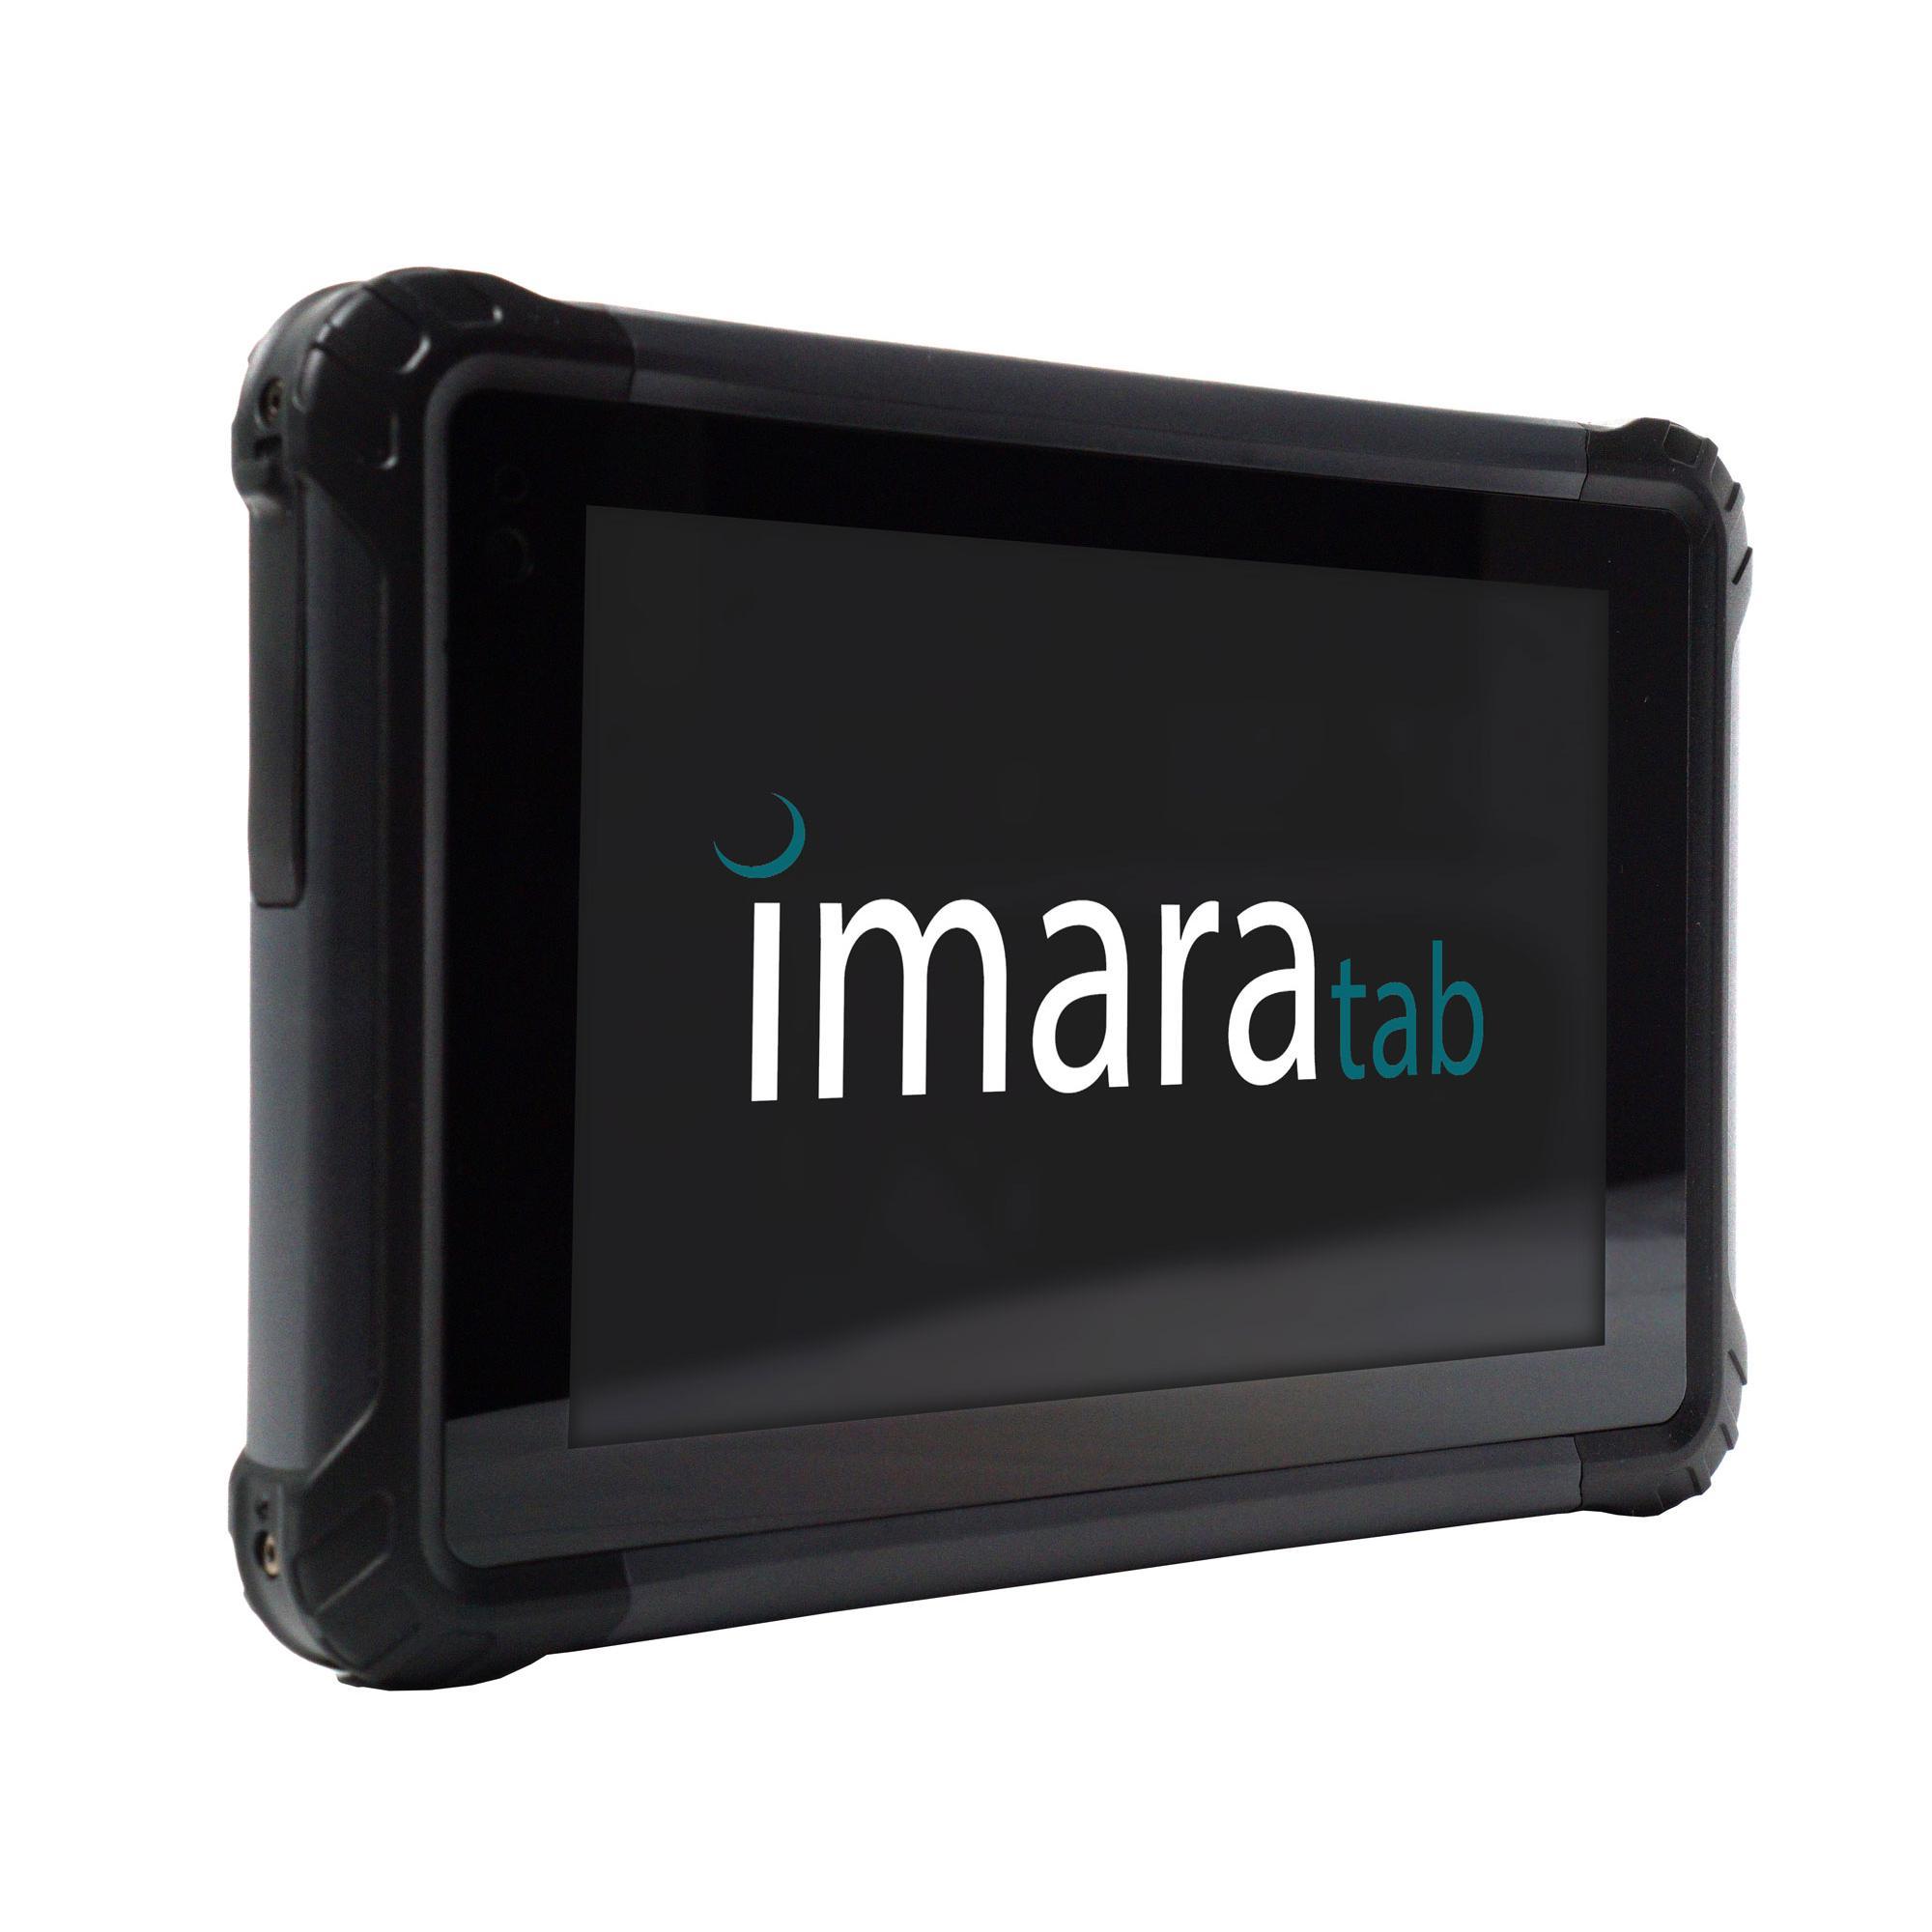 Industrie-Tablet in IP67/68